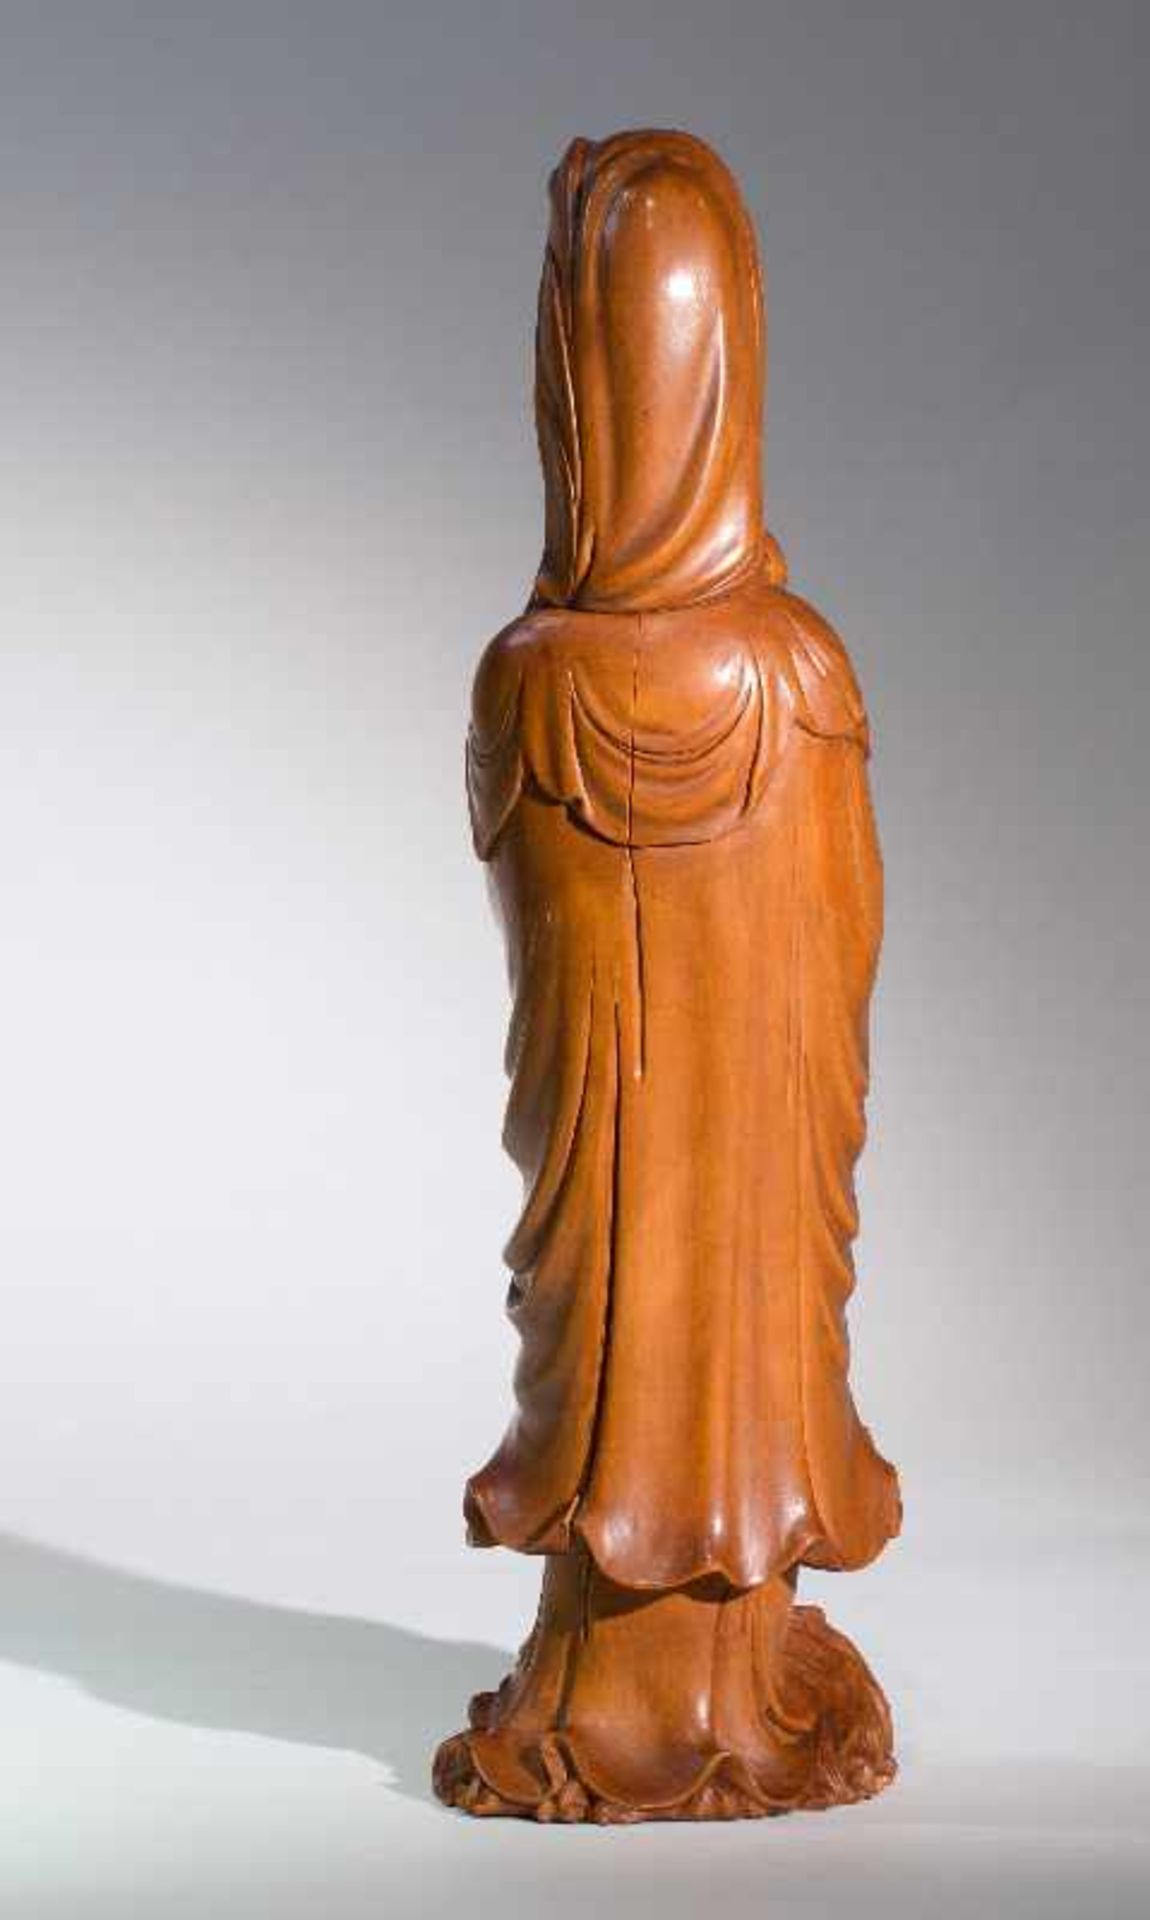 DIE KINDERBRINGENDE GÖTTIN GUANYINBuchsbaumholz. China, Qing-Dynastie, 18. bis 19. Jh. Ein - Image 4 of 7